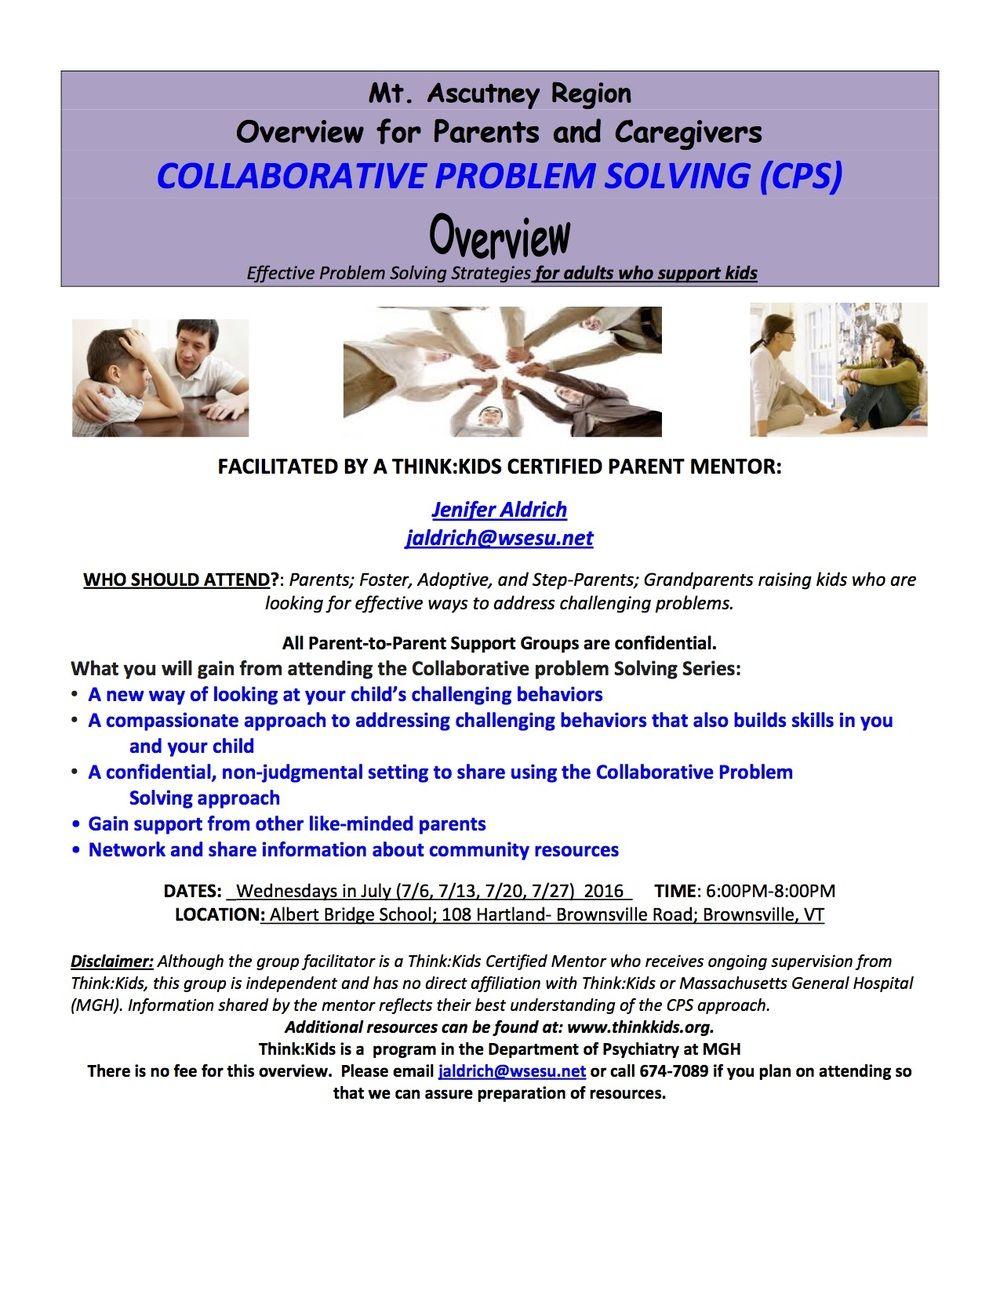 Collaborative Problem Solving Parent Mentoring Group